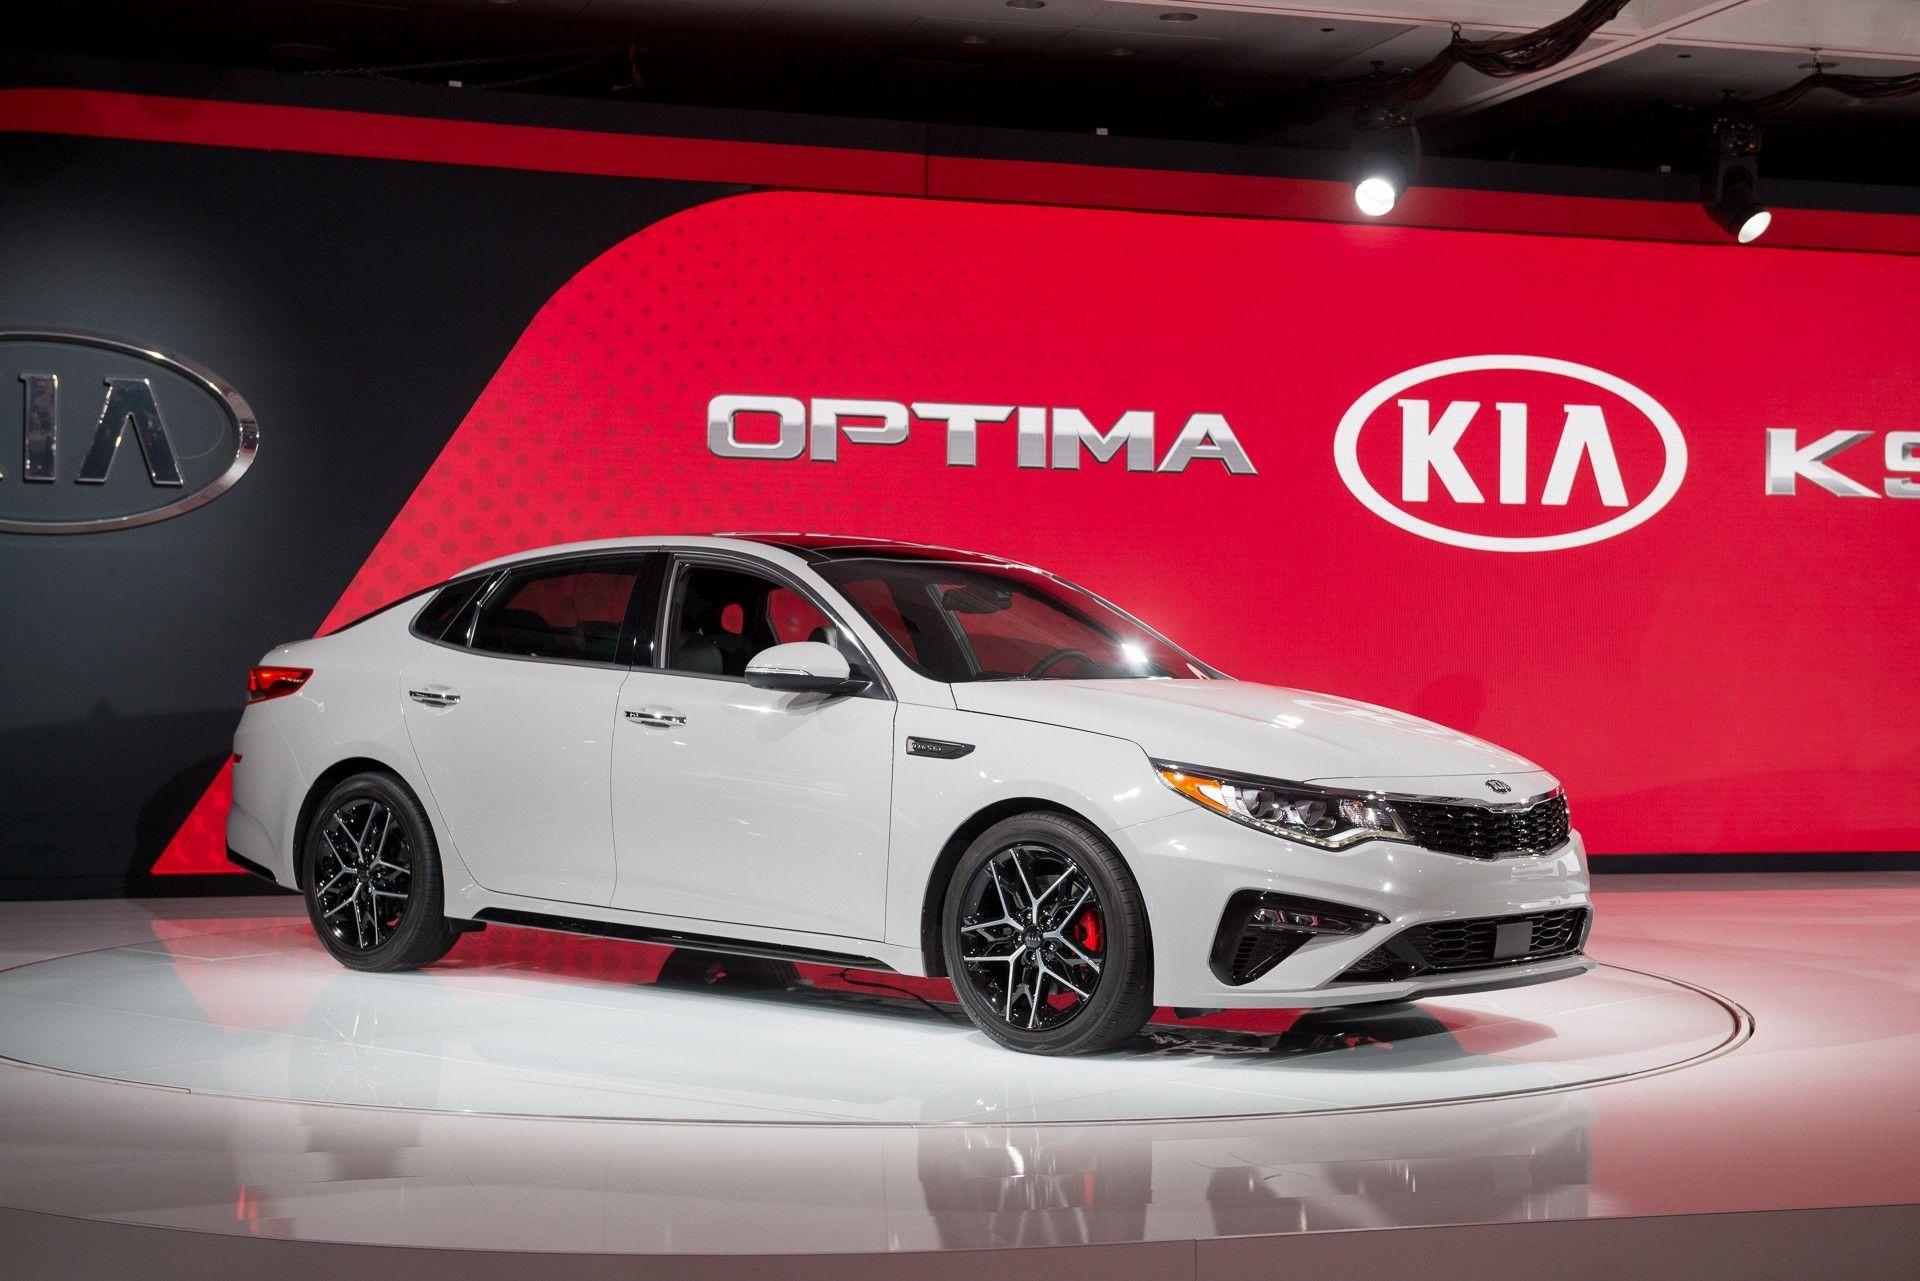 2019 Kia Convertible Price Kia, Kia optima, Car review